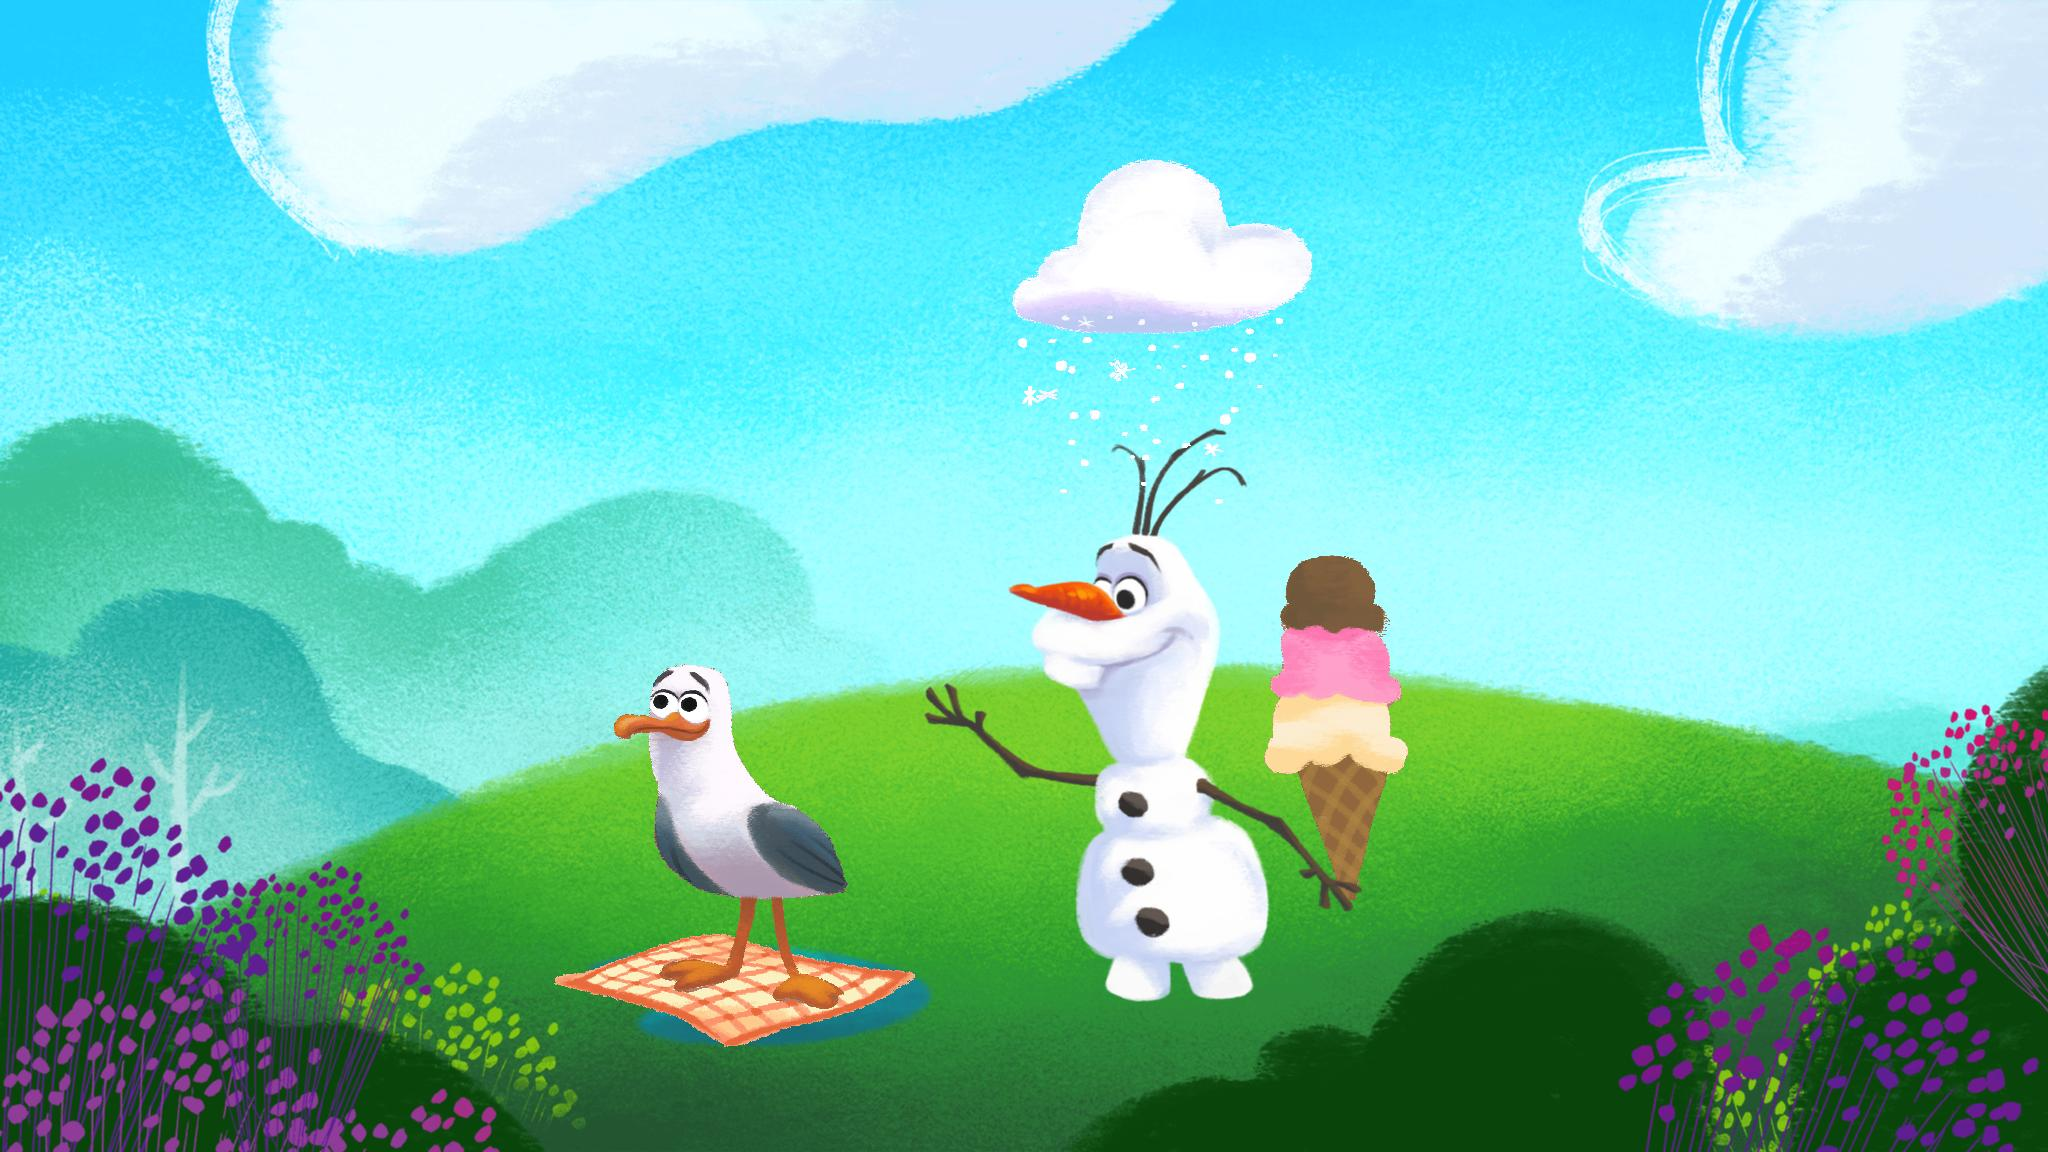 Olaf in summer